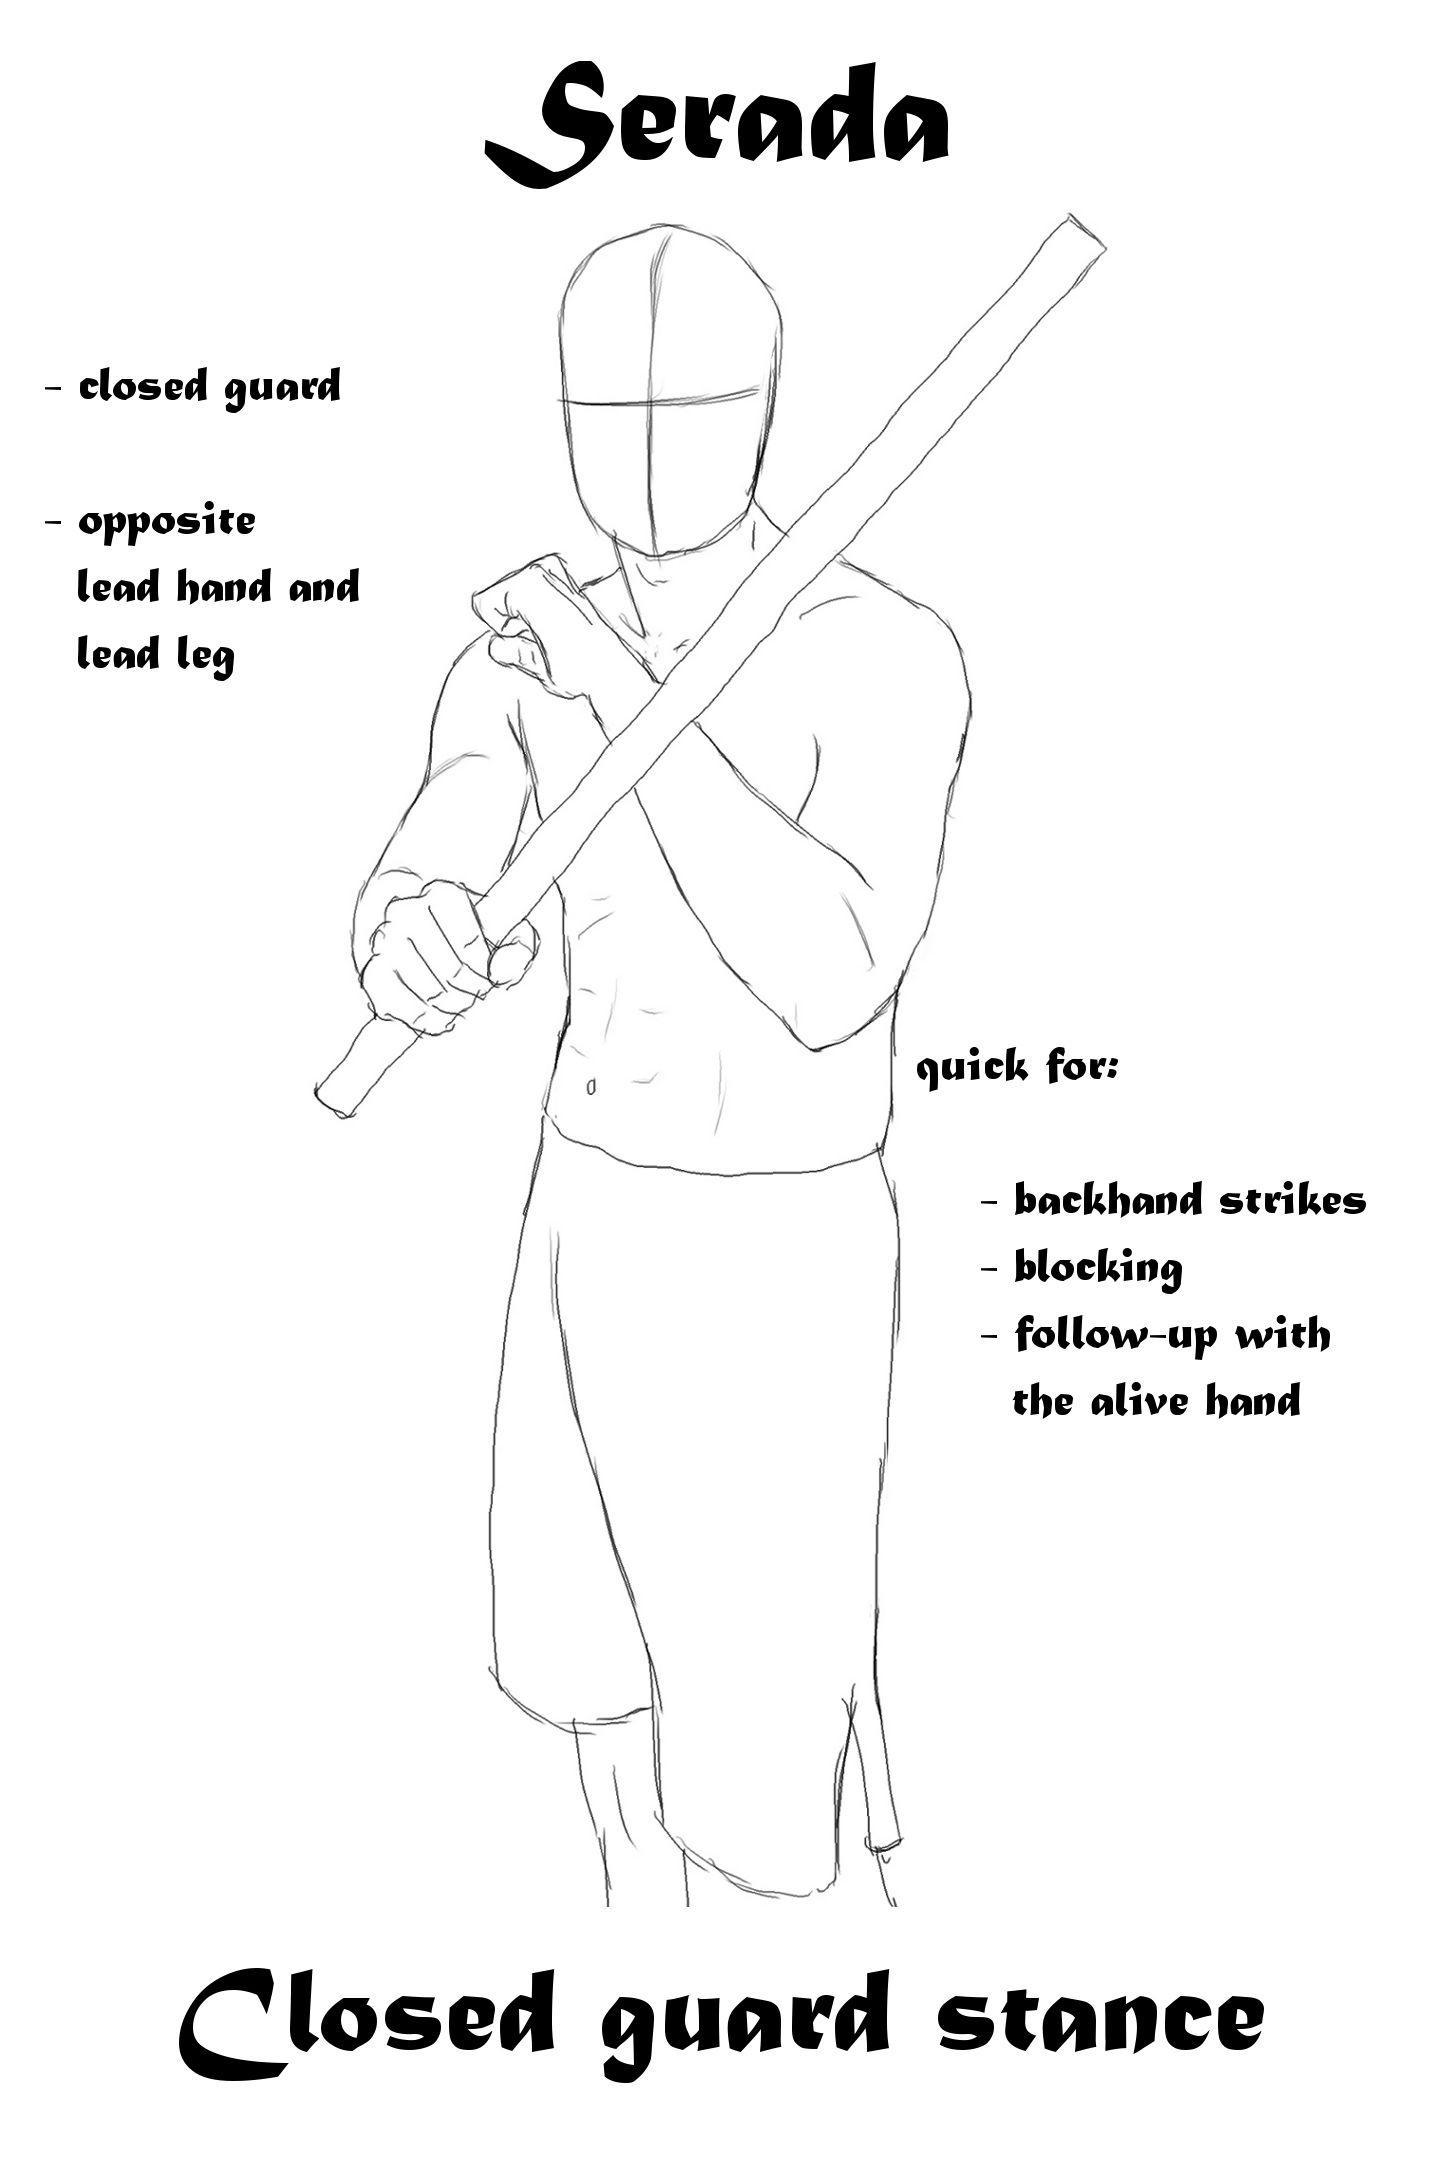 Serada Closed Guard Stance For Escrima Stick Fighting